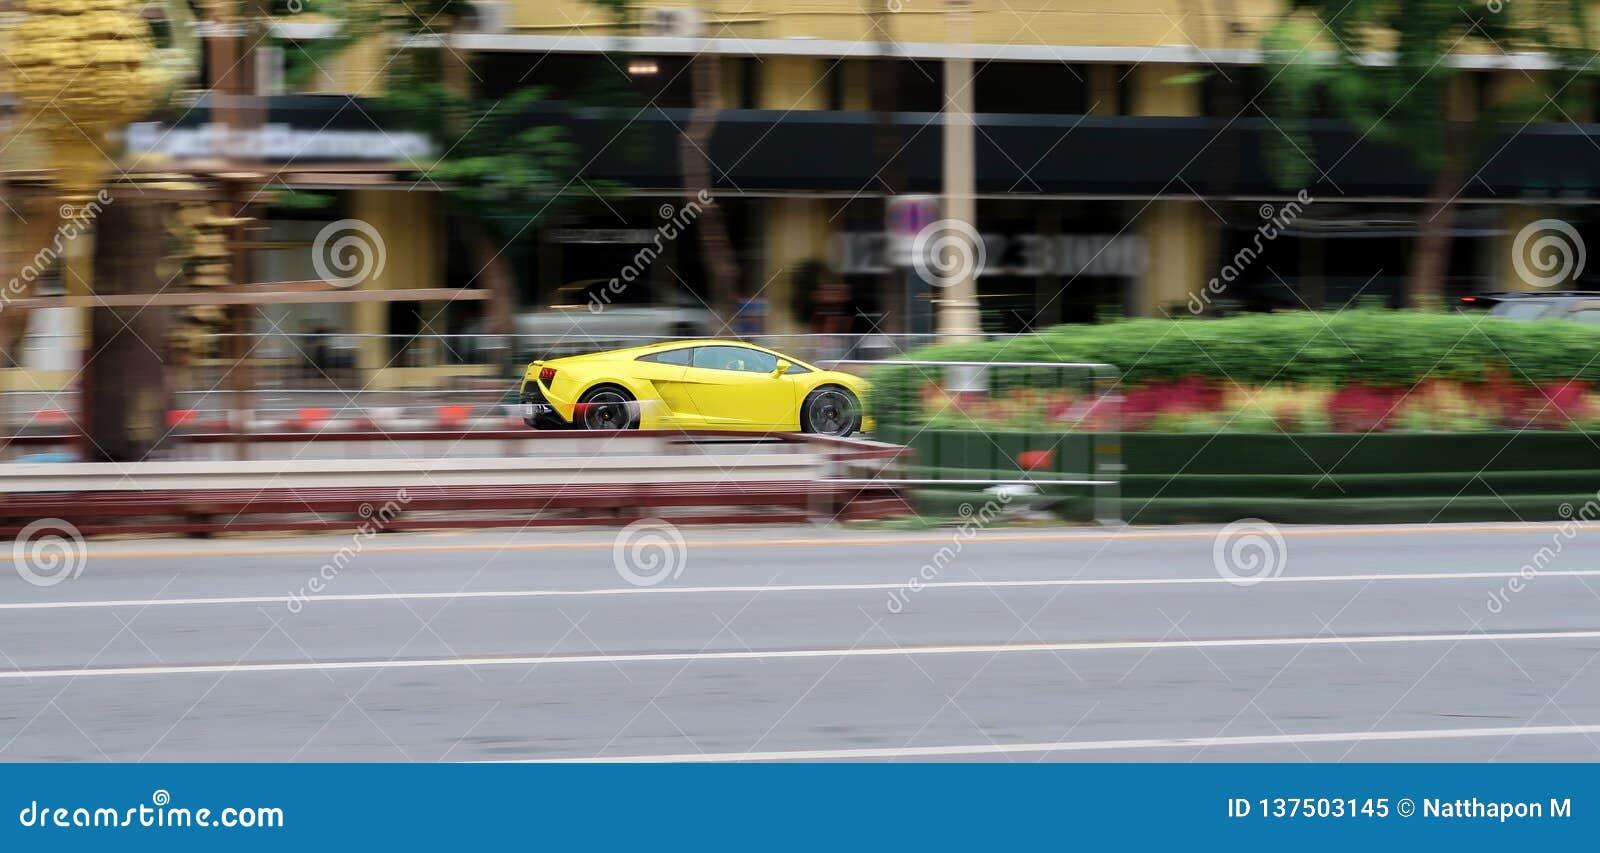 黄色蓝宝坚尼驾驶非常快速在街道上的加利亚多 背景迷离弄脏了抓住飞碟跳的行动